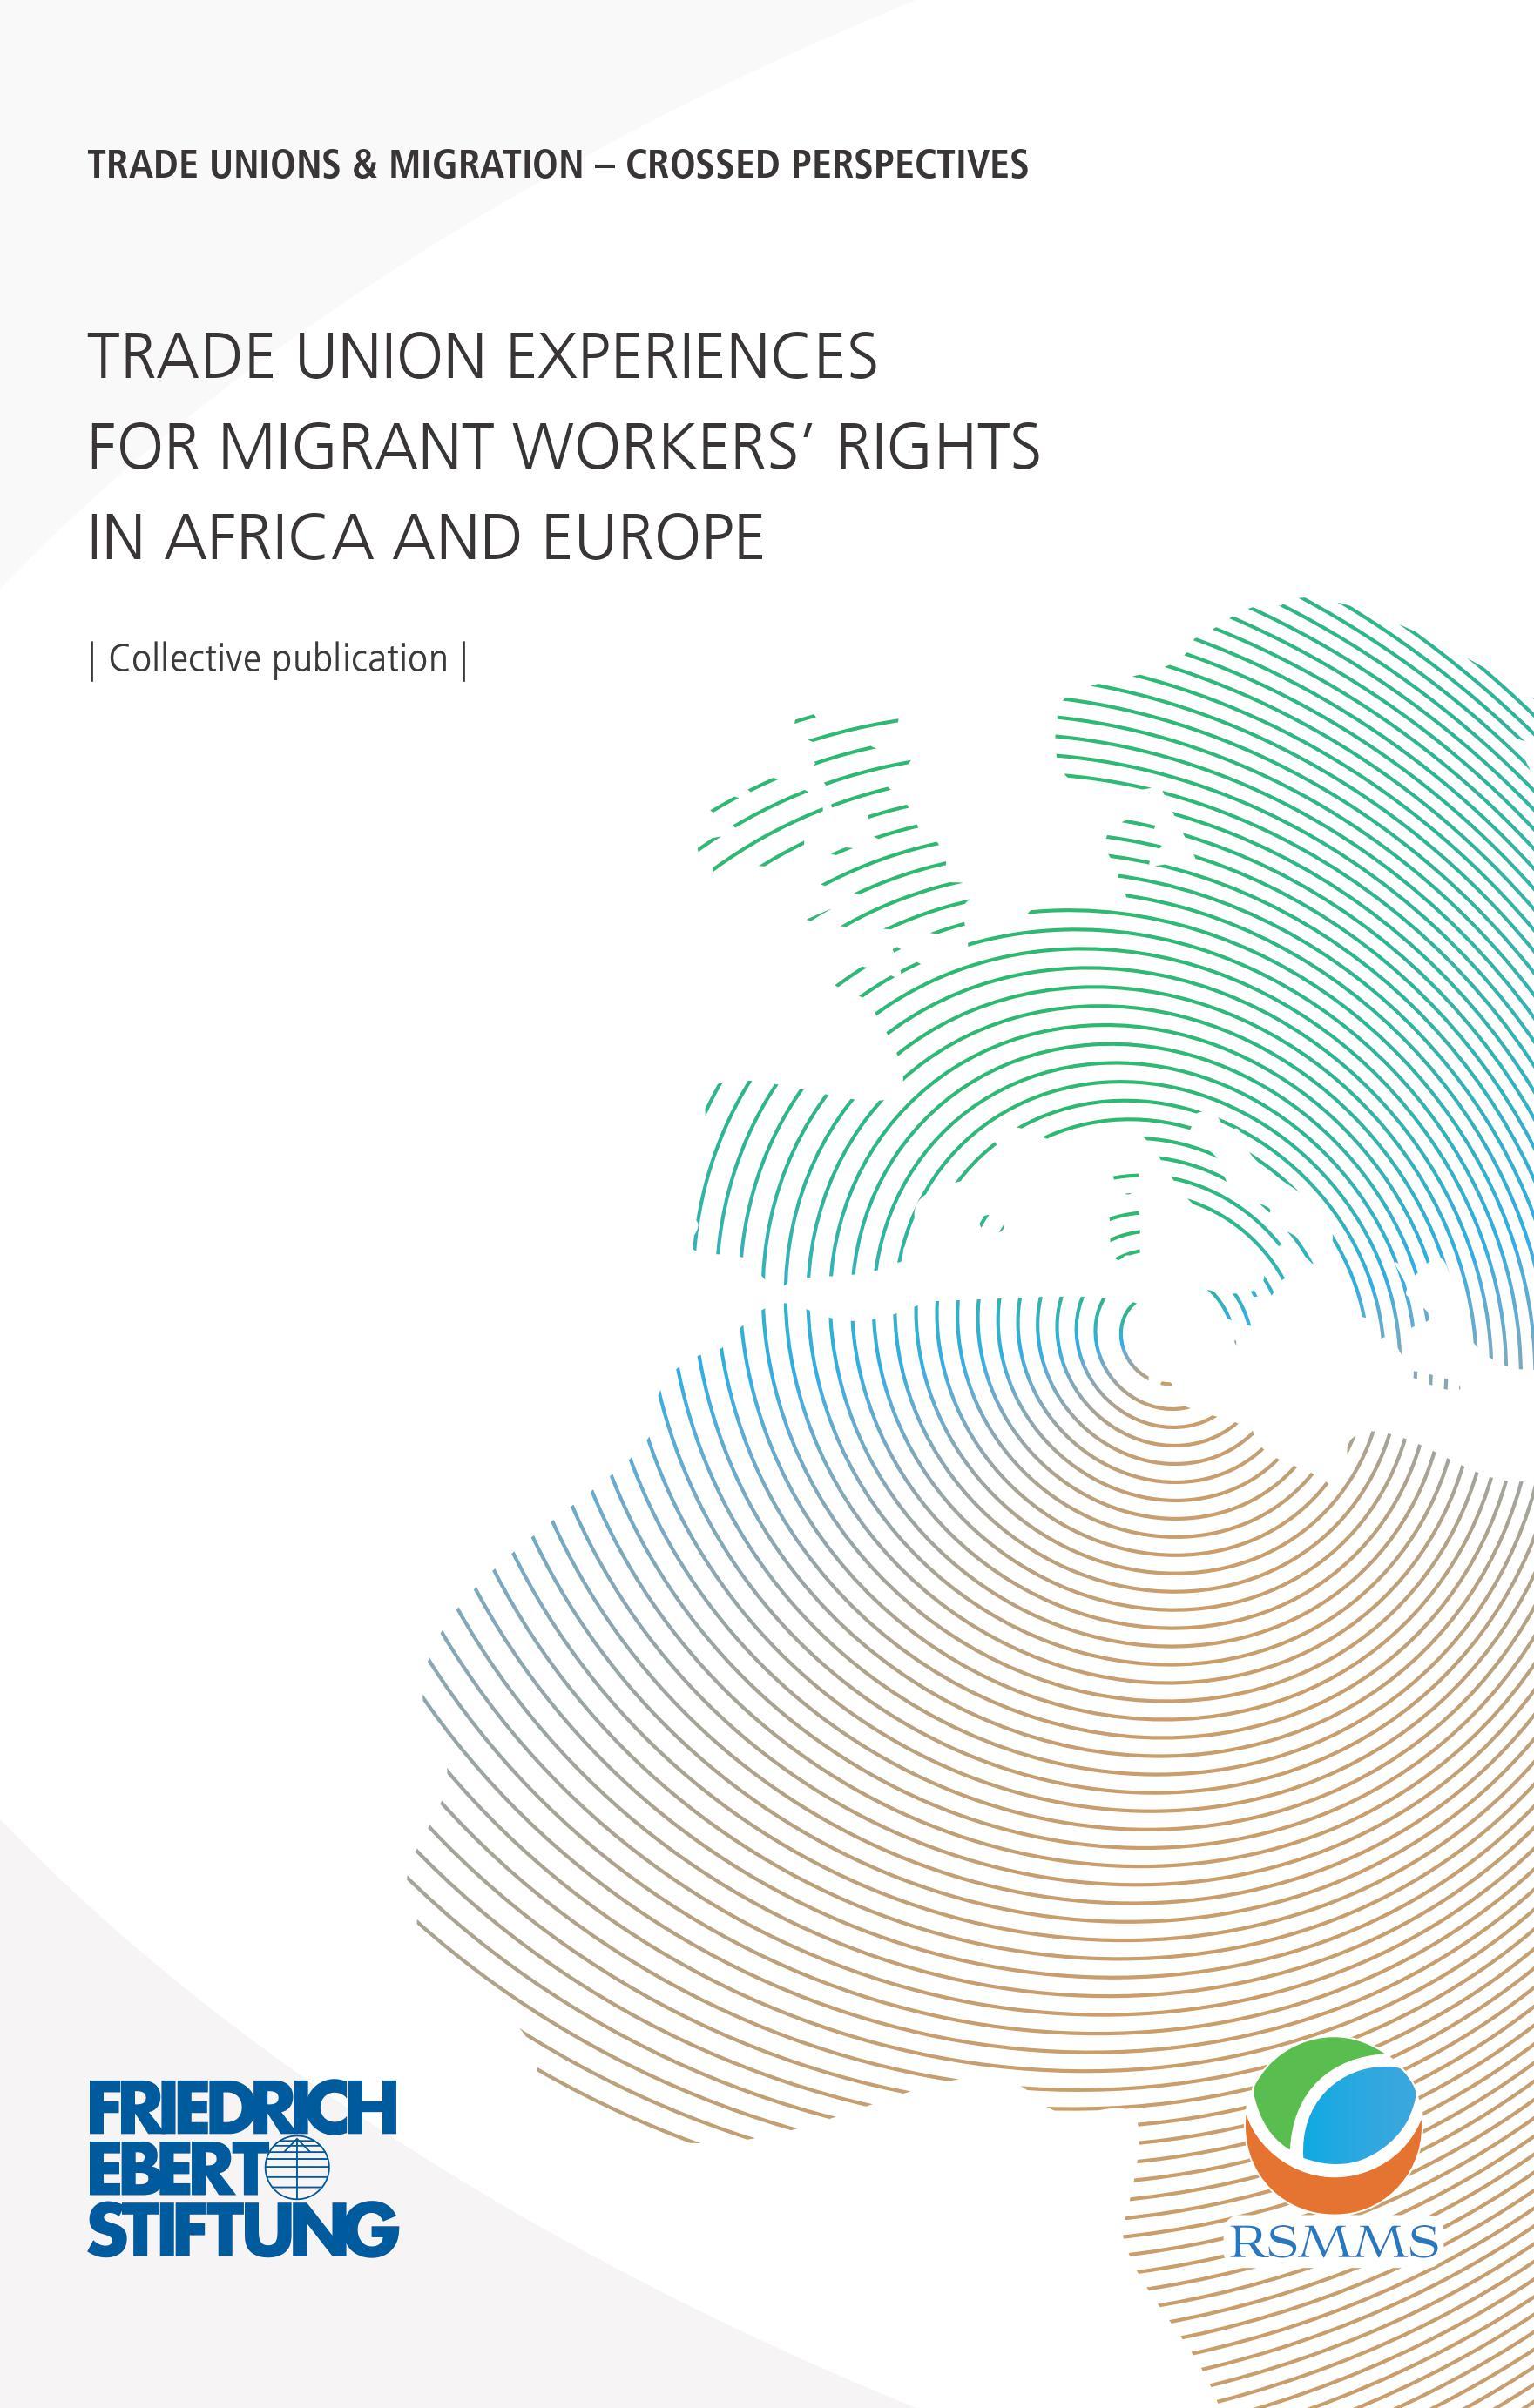 """Fondazione Friedrich Ebert """"Esperienze sindacali per i diritti dei lavoratori migranti in Africa e Europa"""""""